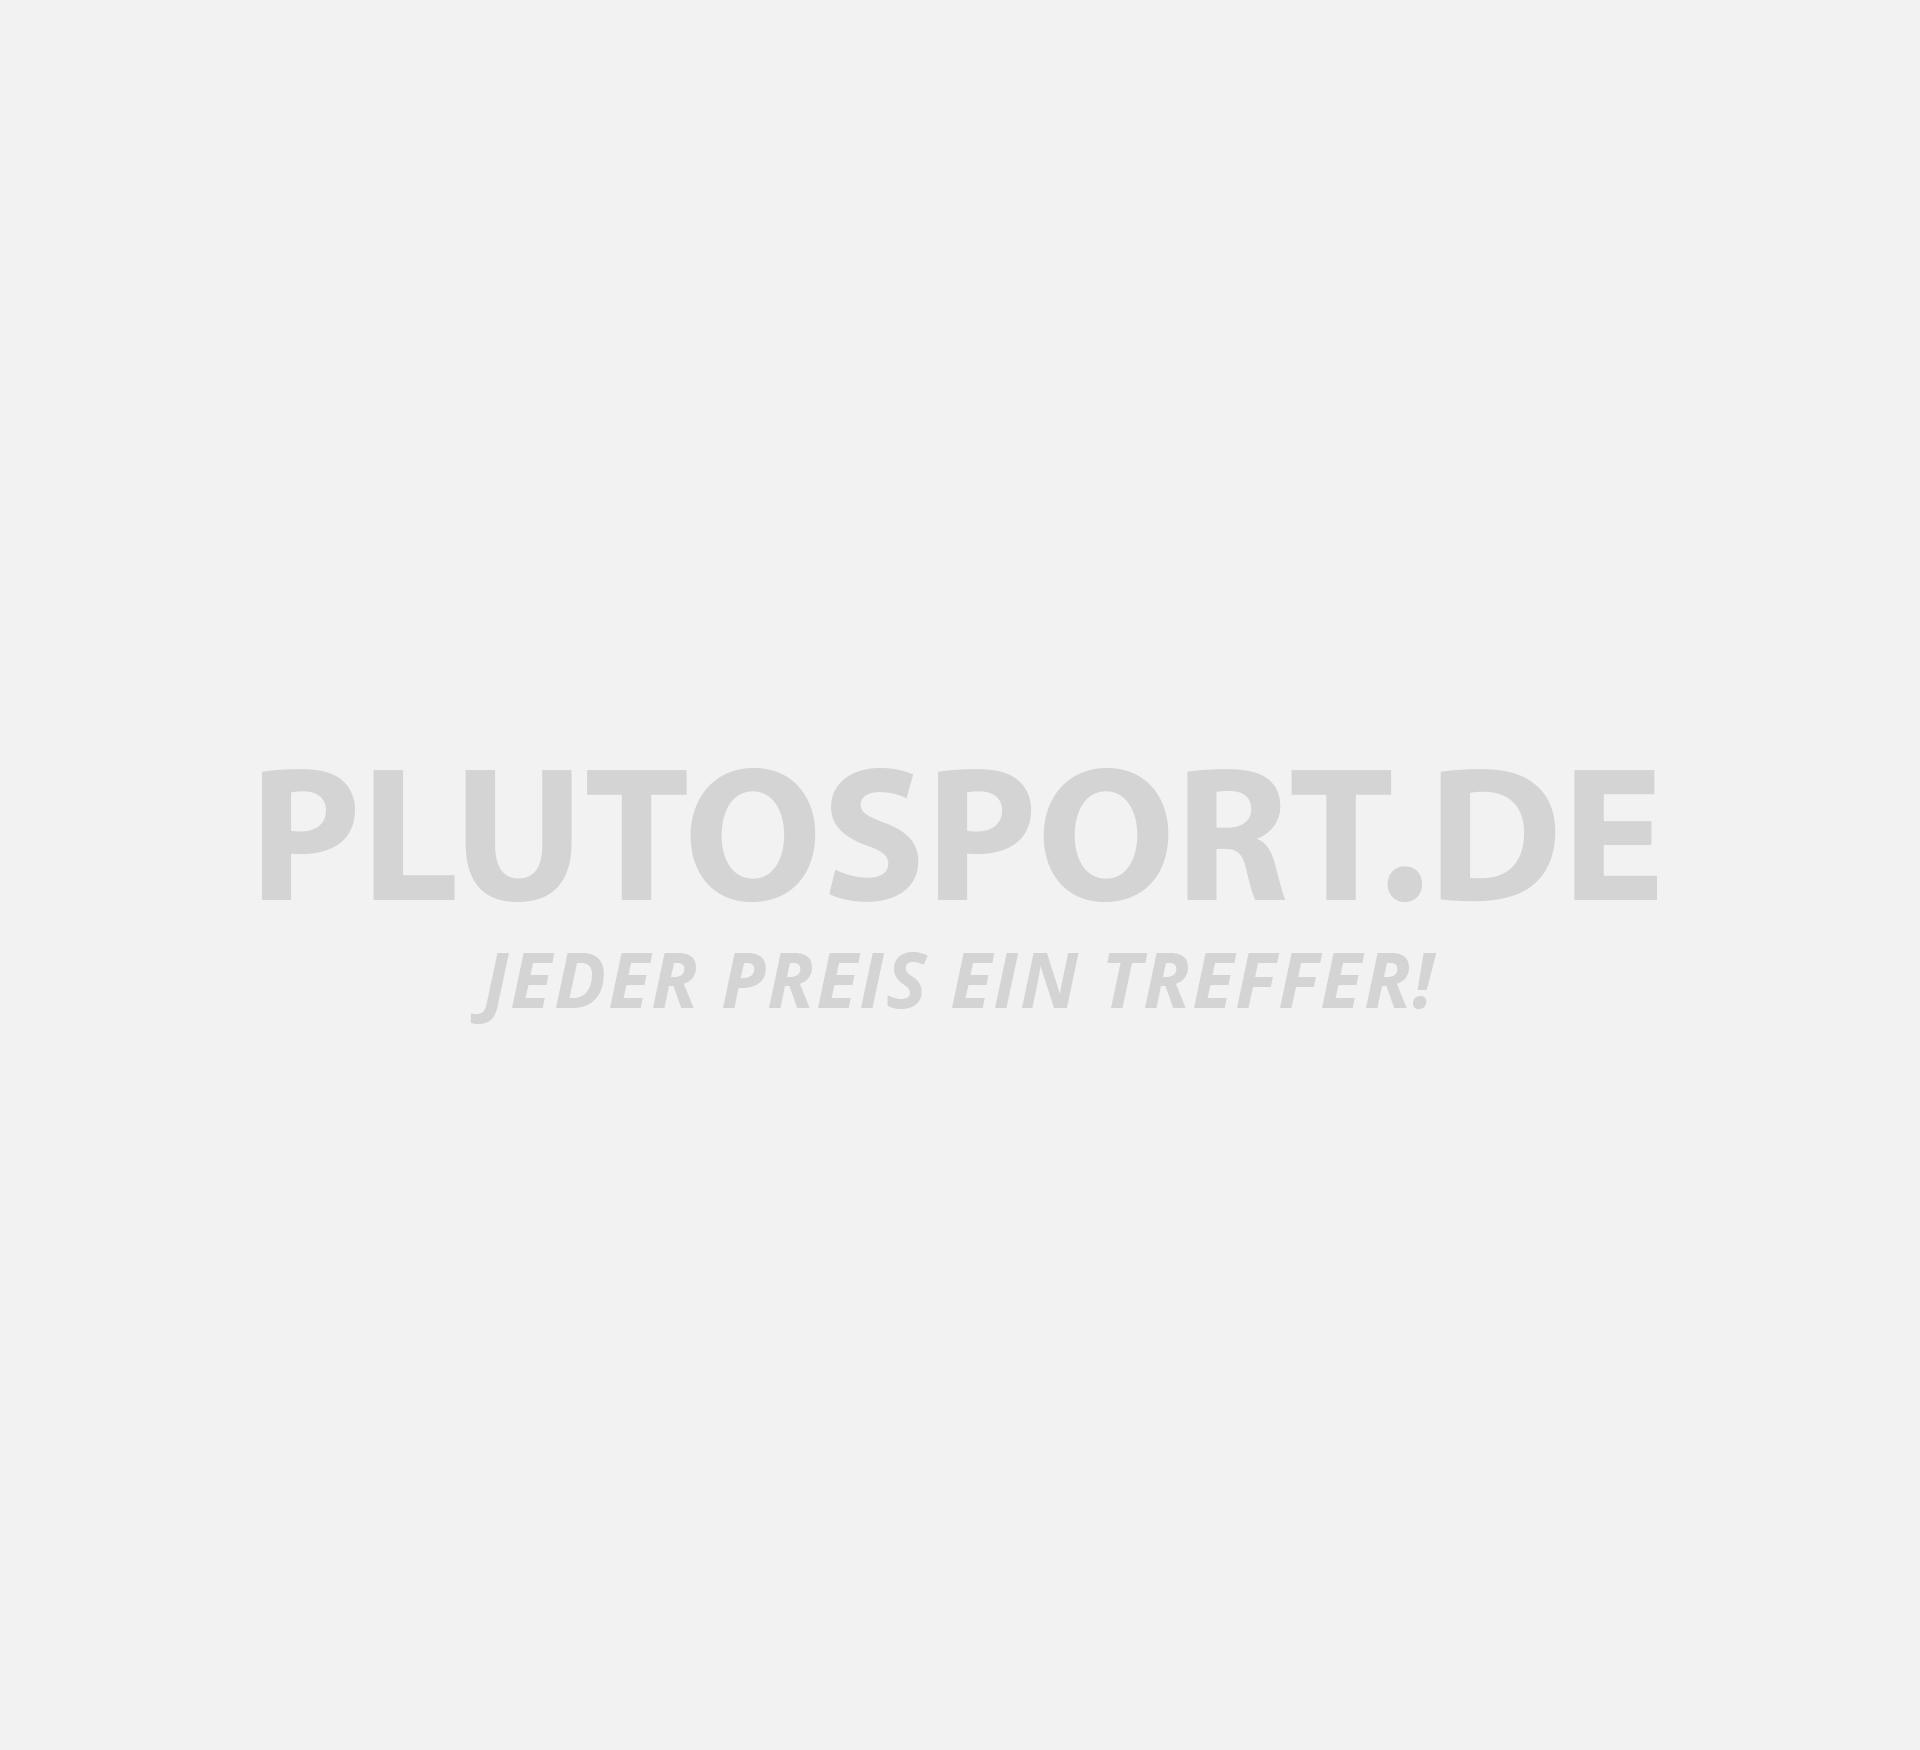 Jack & Jones Neon Boxershorts Herren (3-Pack)